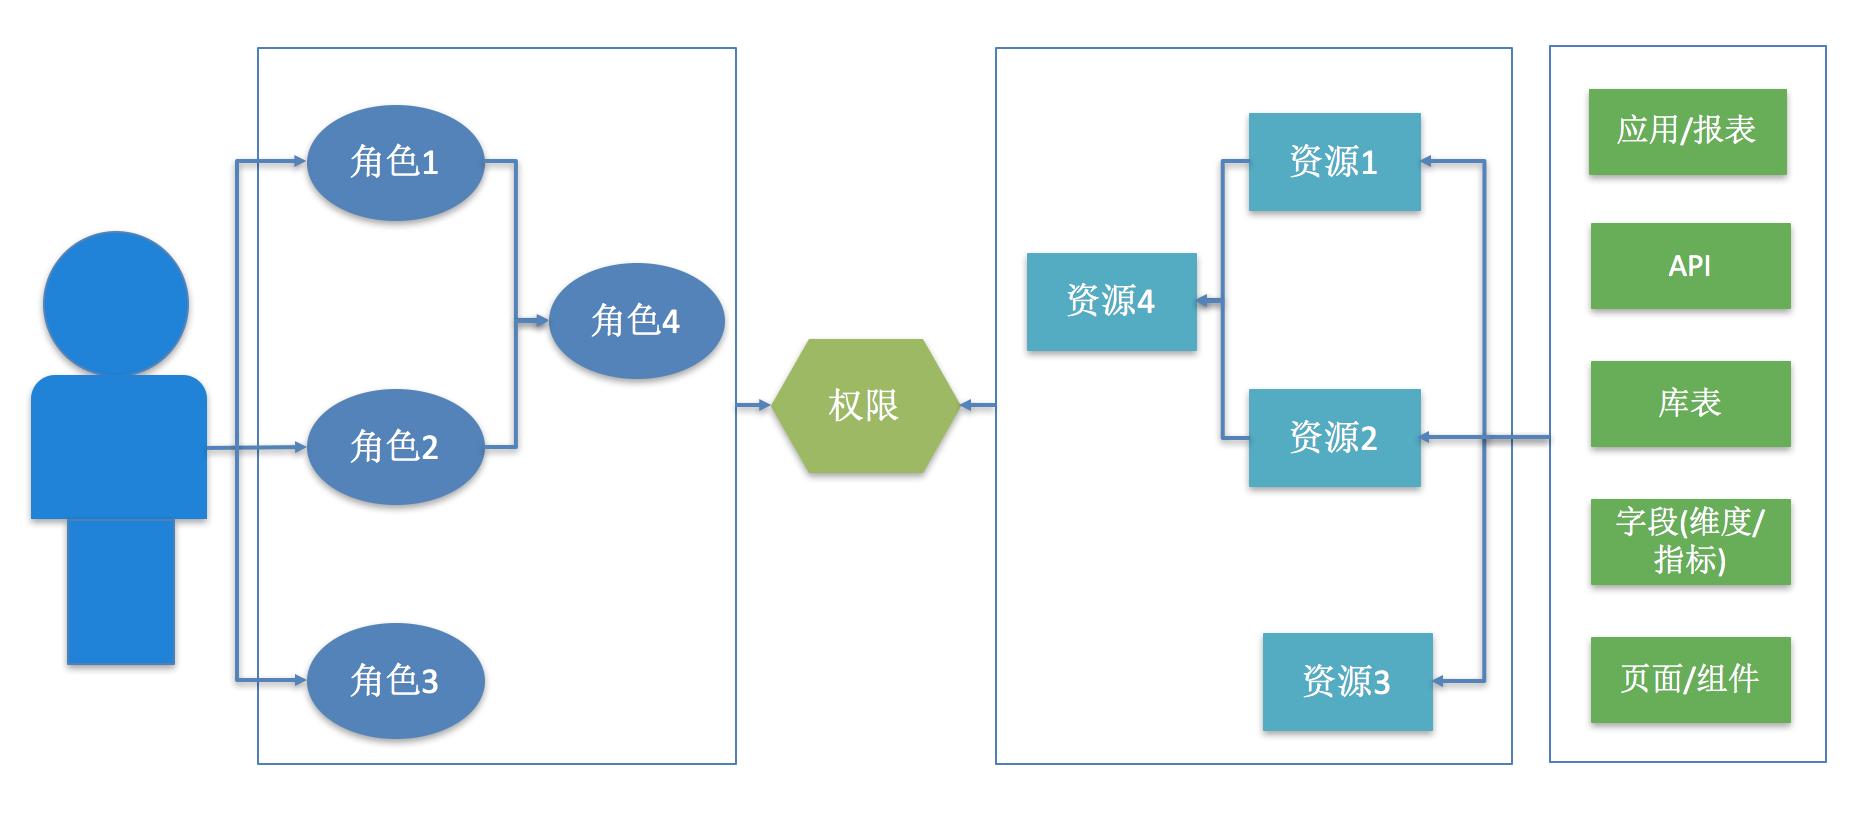 图3 新的权限模型